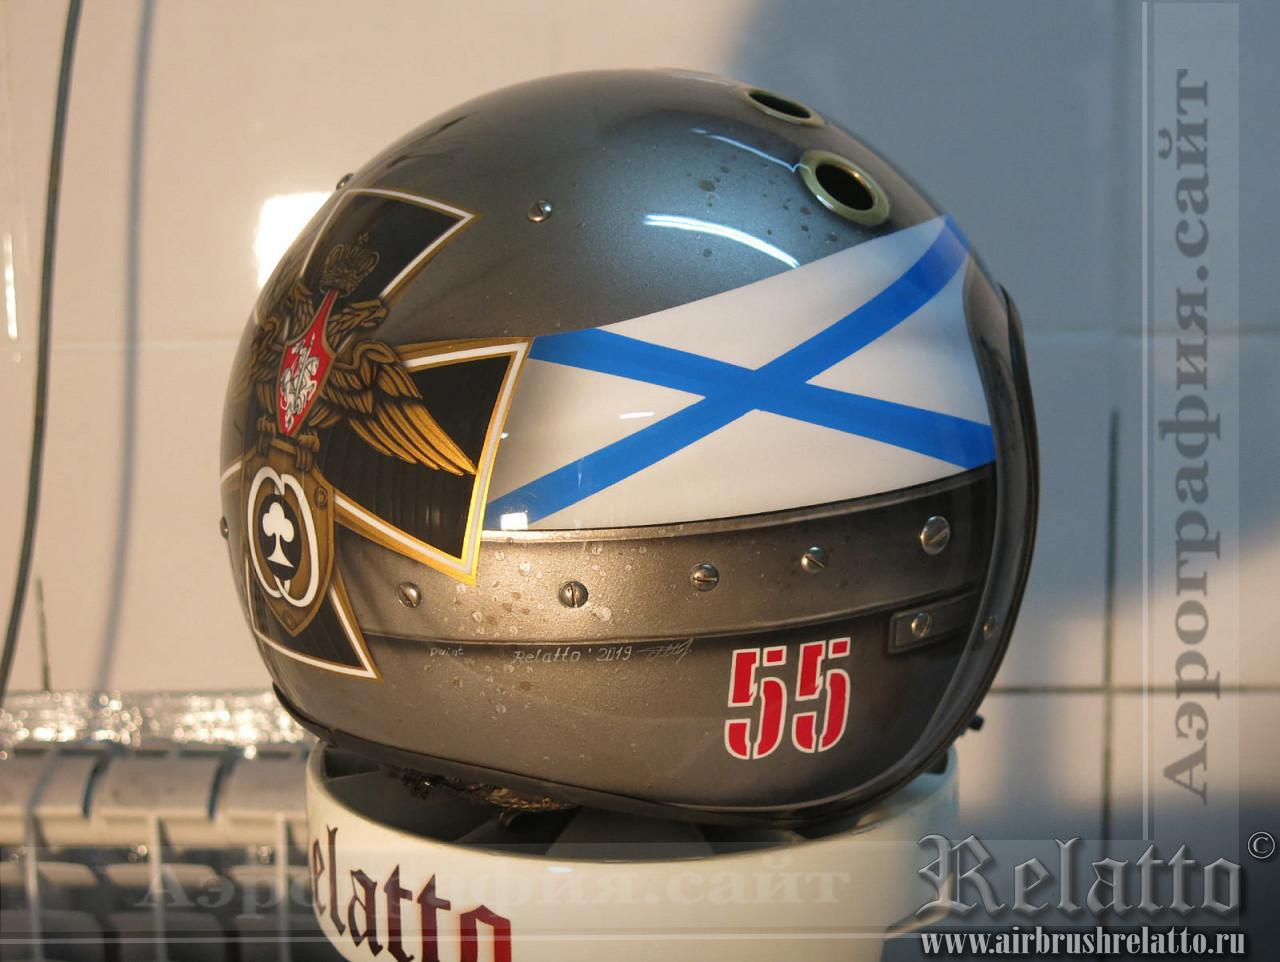 шлем ЗШ 7 аэрография в Краснодаре